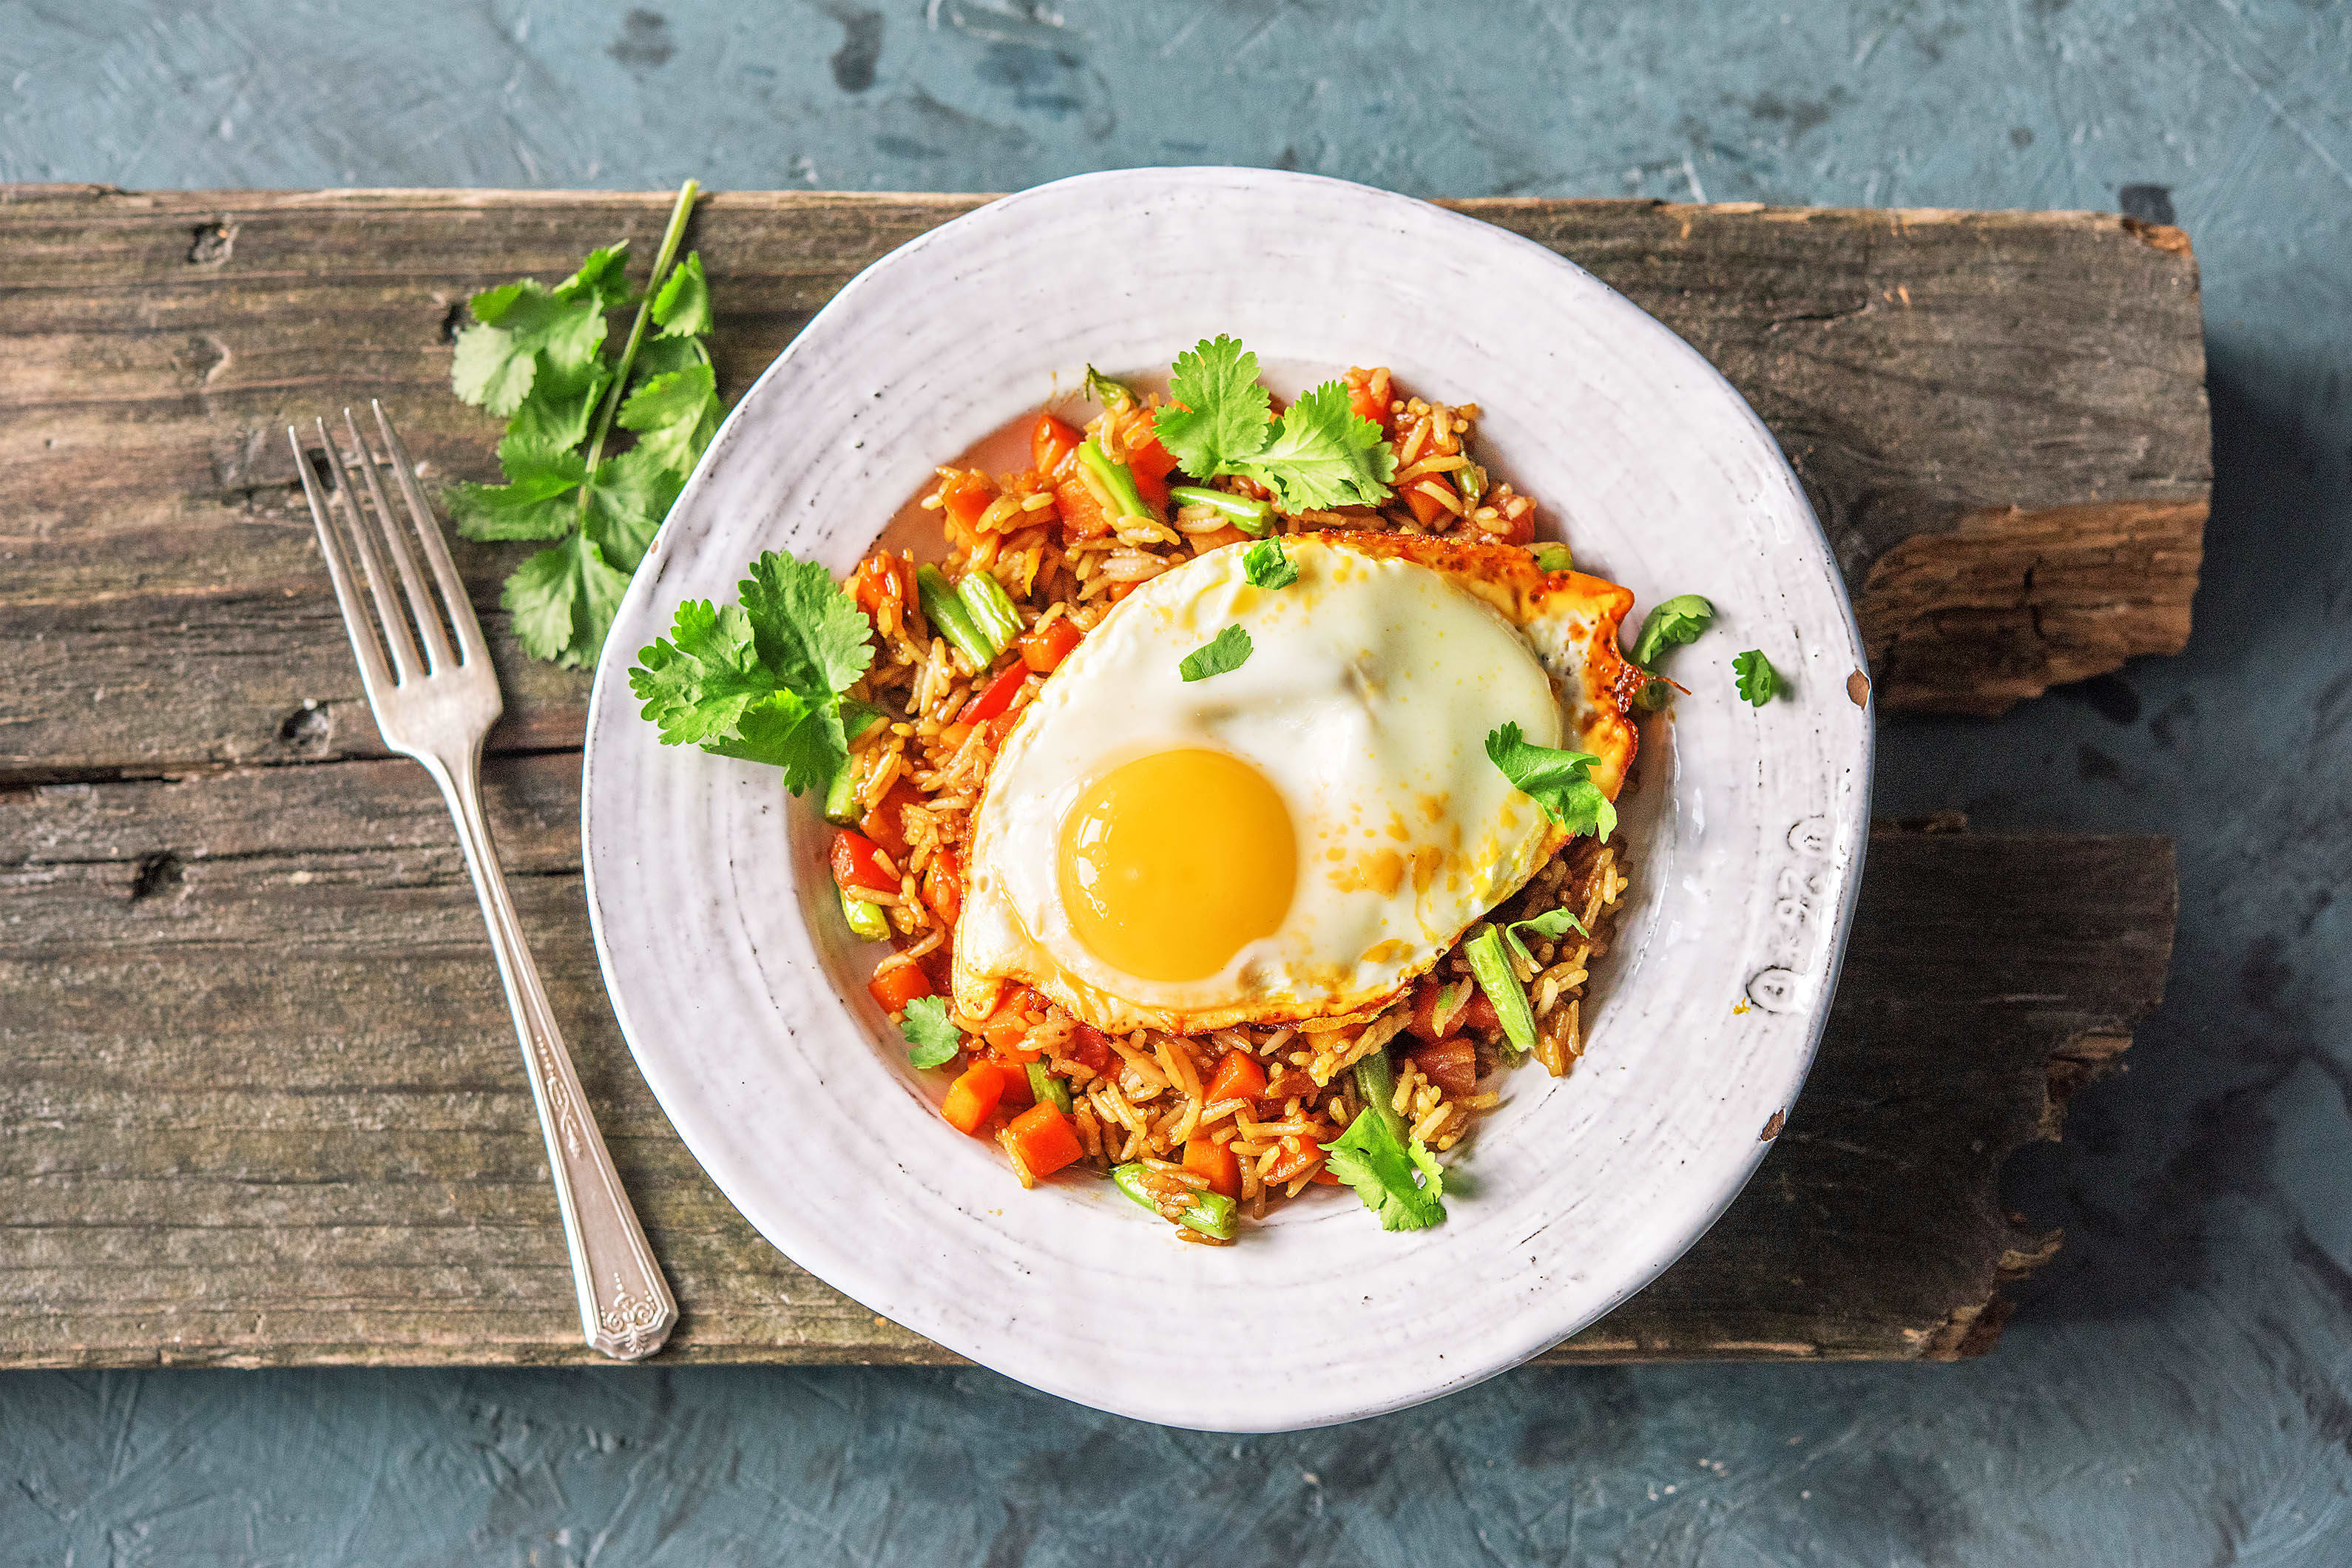 Cara Membuat Nasi Goreng Enak yang Sederhana dan Mudah Dibuat